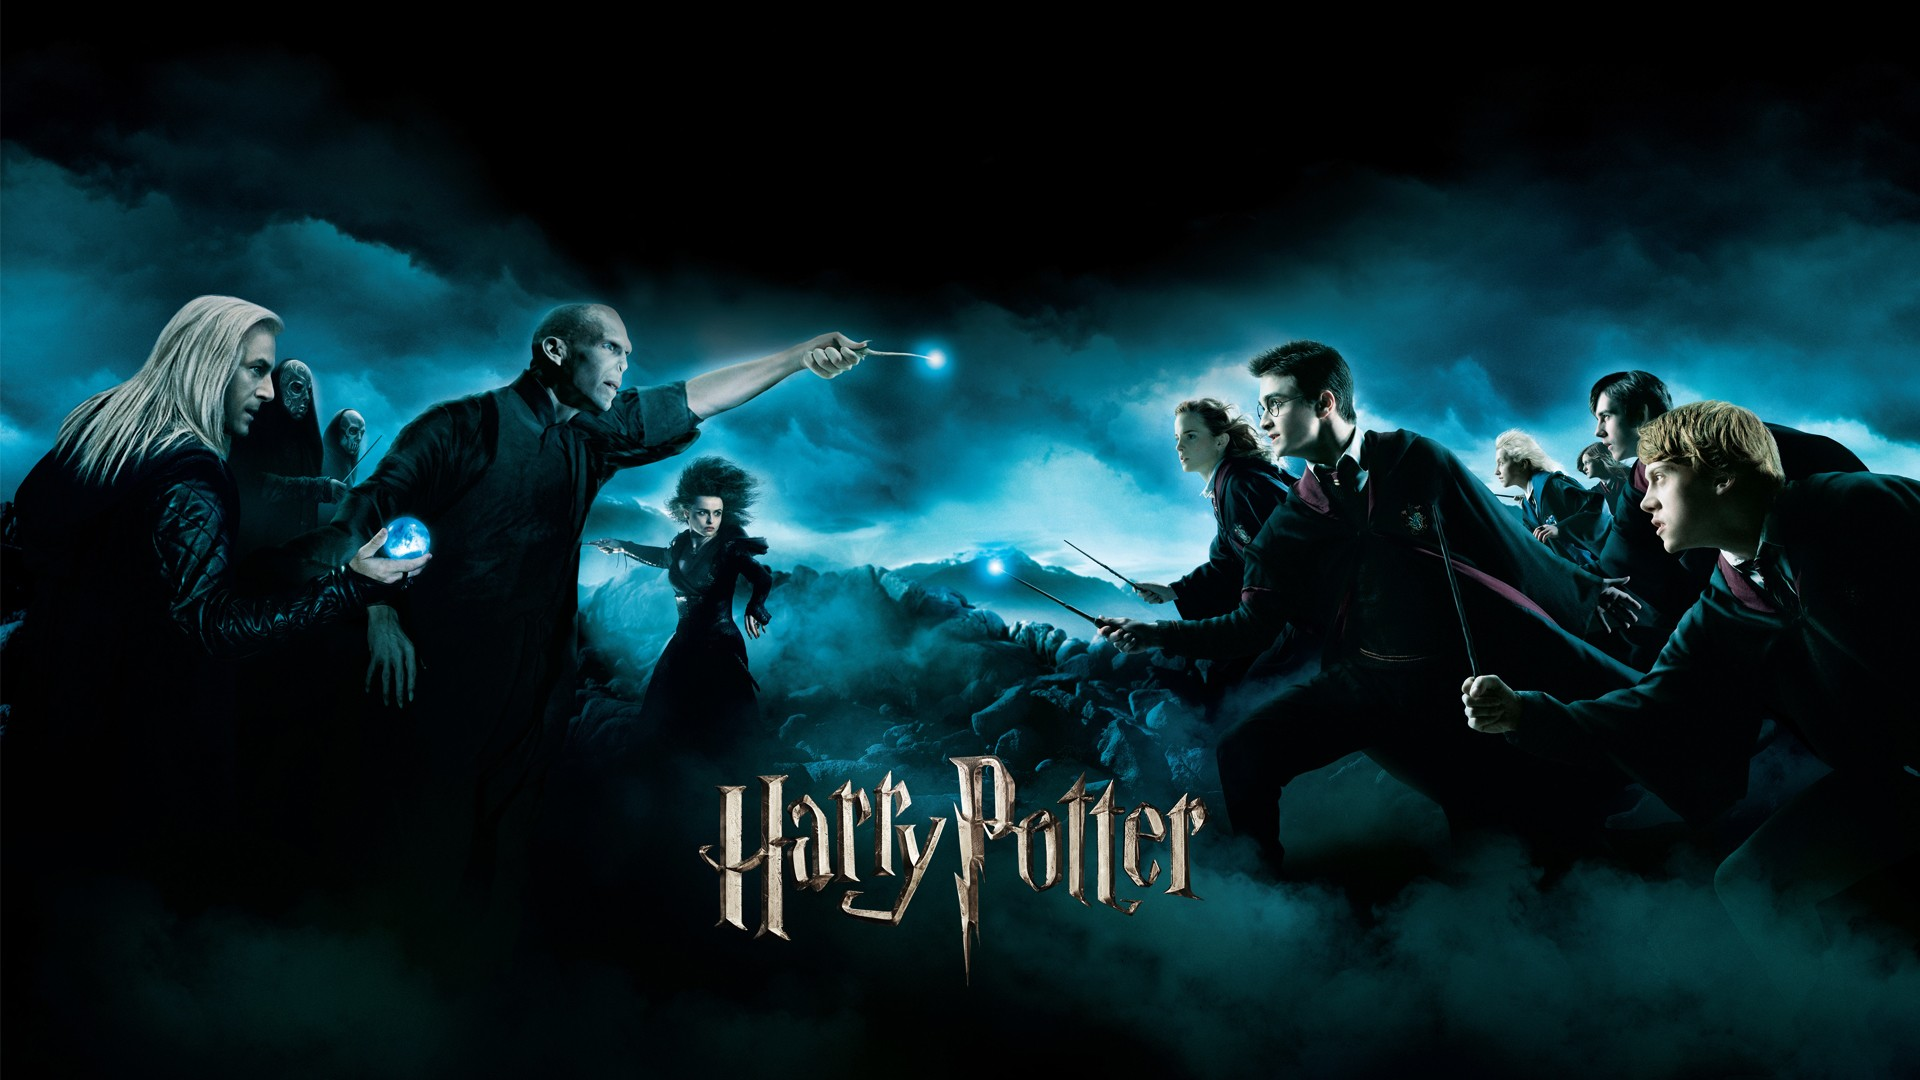 Harry Potter Wallpaper 2048x1110 Mac